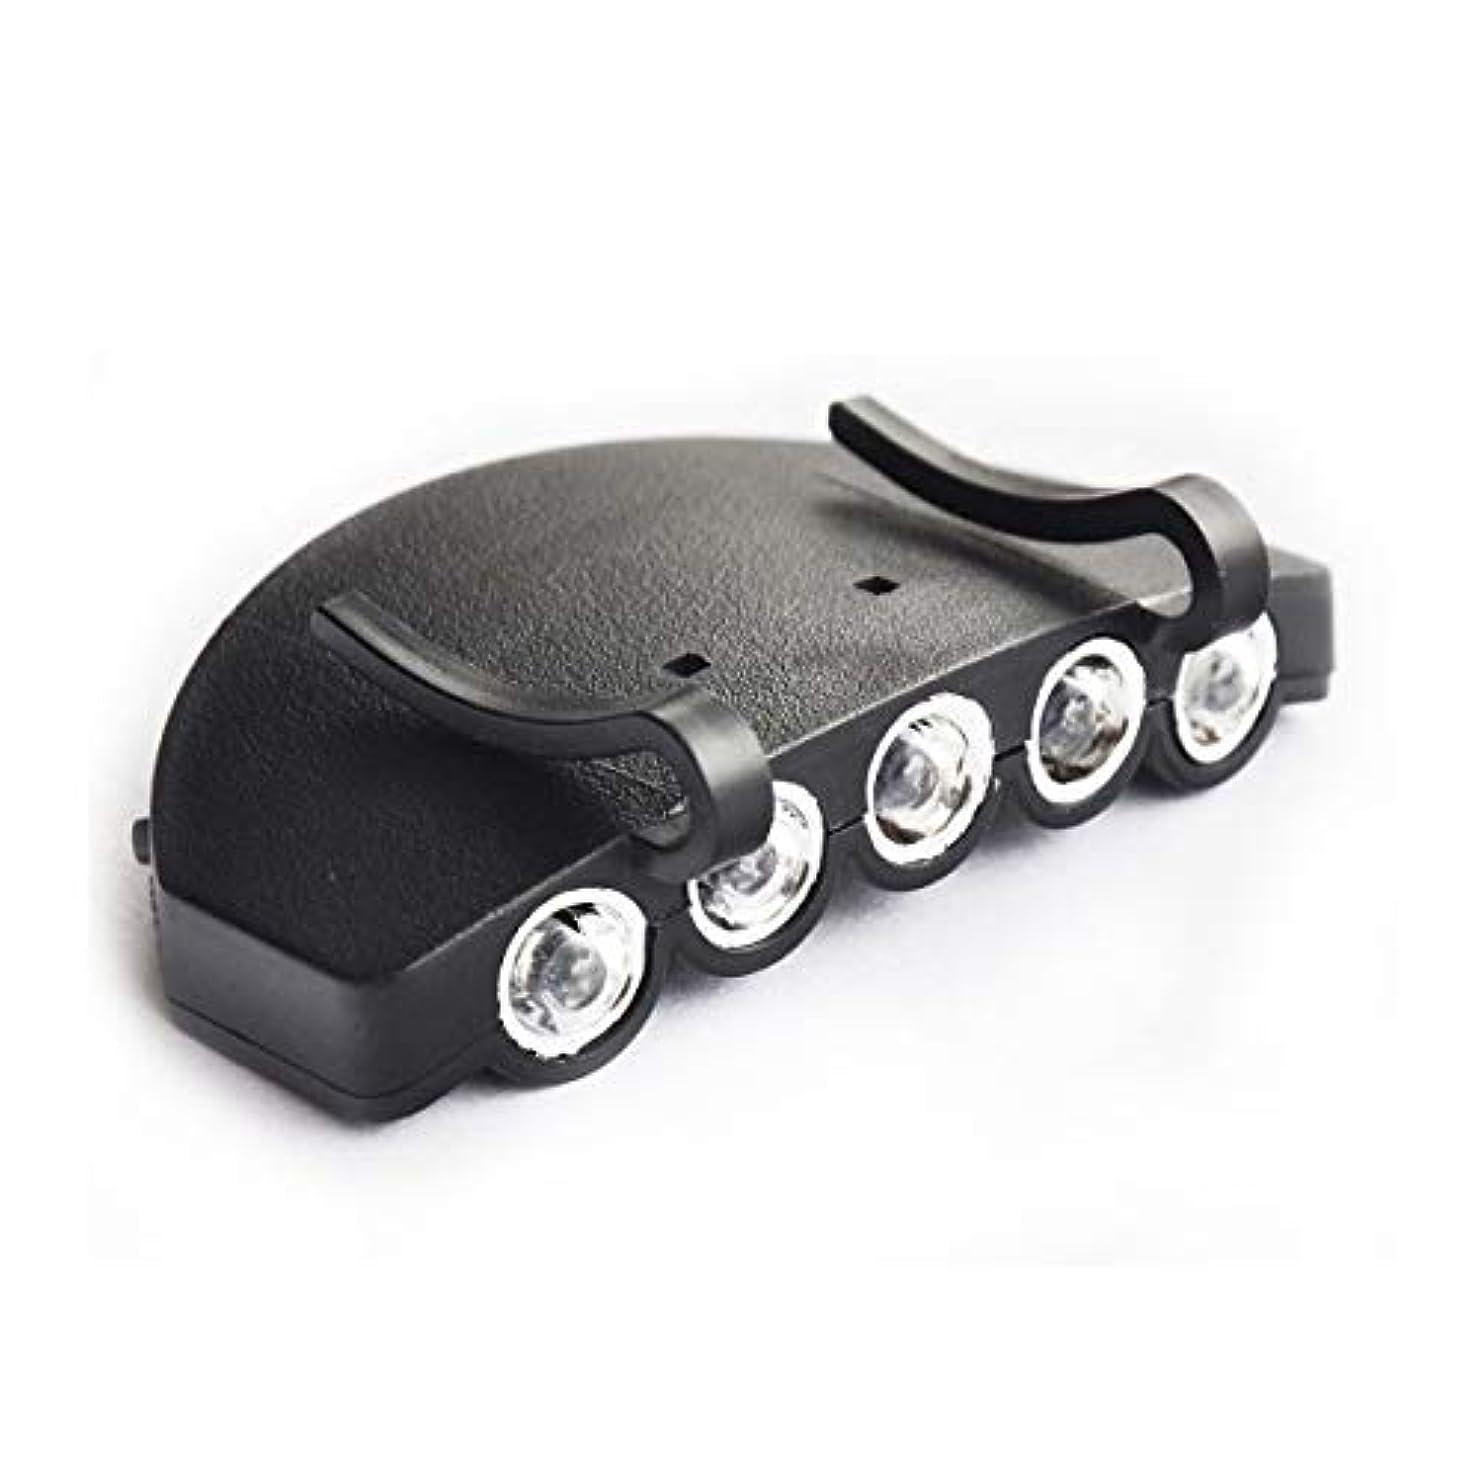 背の高い願望ネックレスキャップライト 5LED 白光ランプ 夜の釣り 帽子に挟んで使う 高輝度 ブラック ヘッドランプ アウトドア 釣り ランプ クリップキャップランプ光の帽子